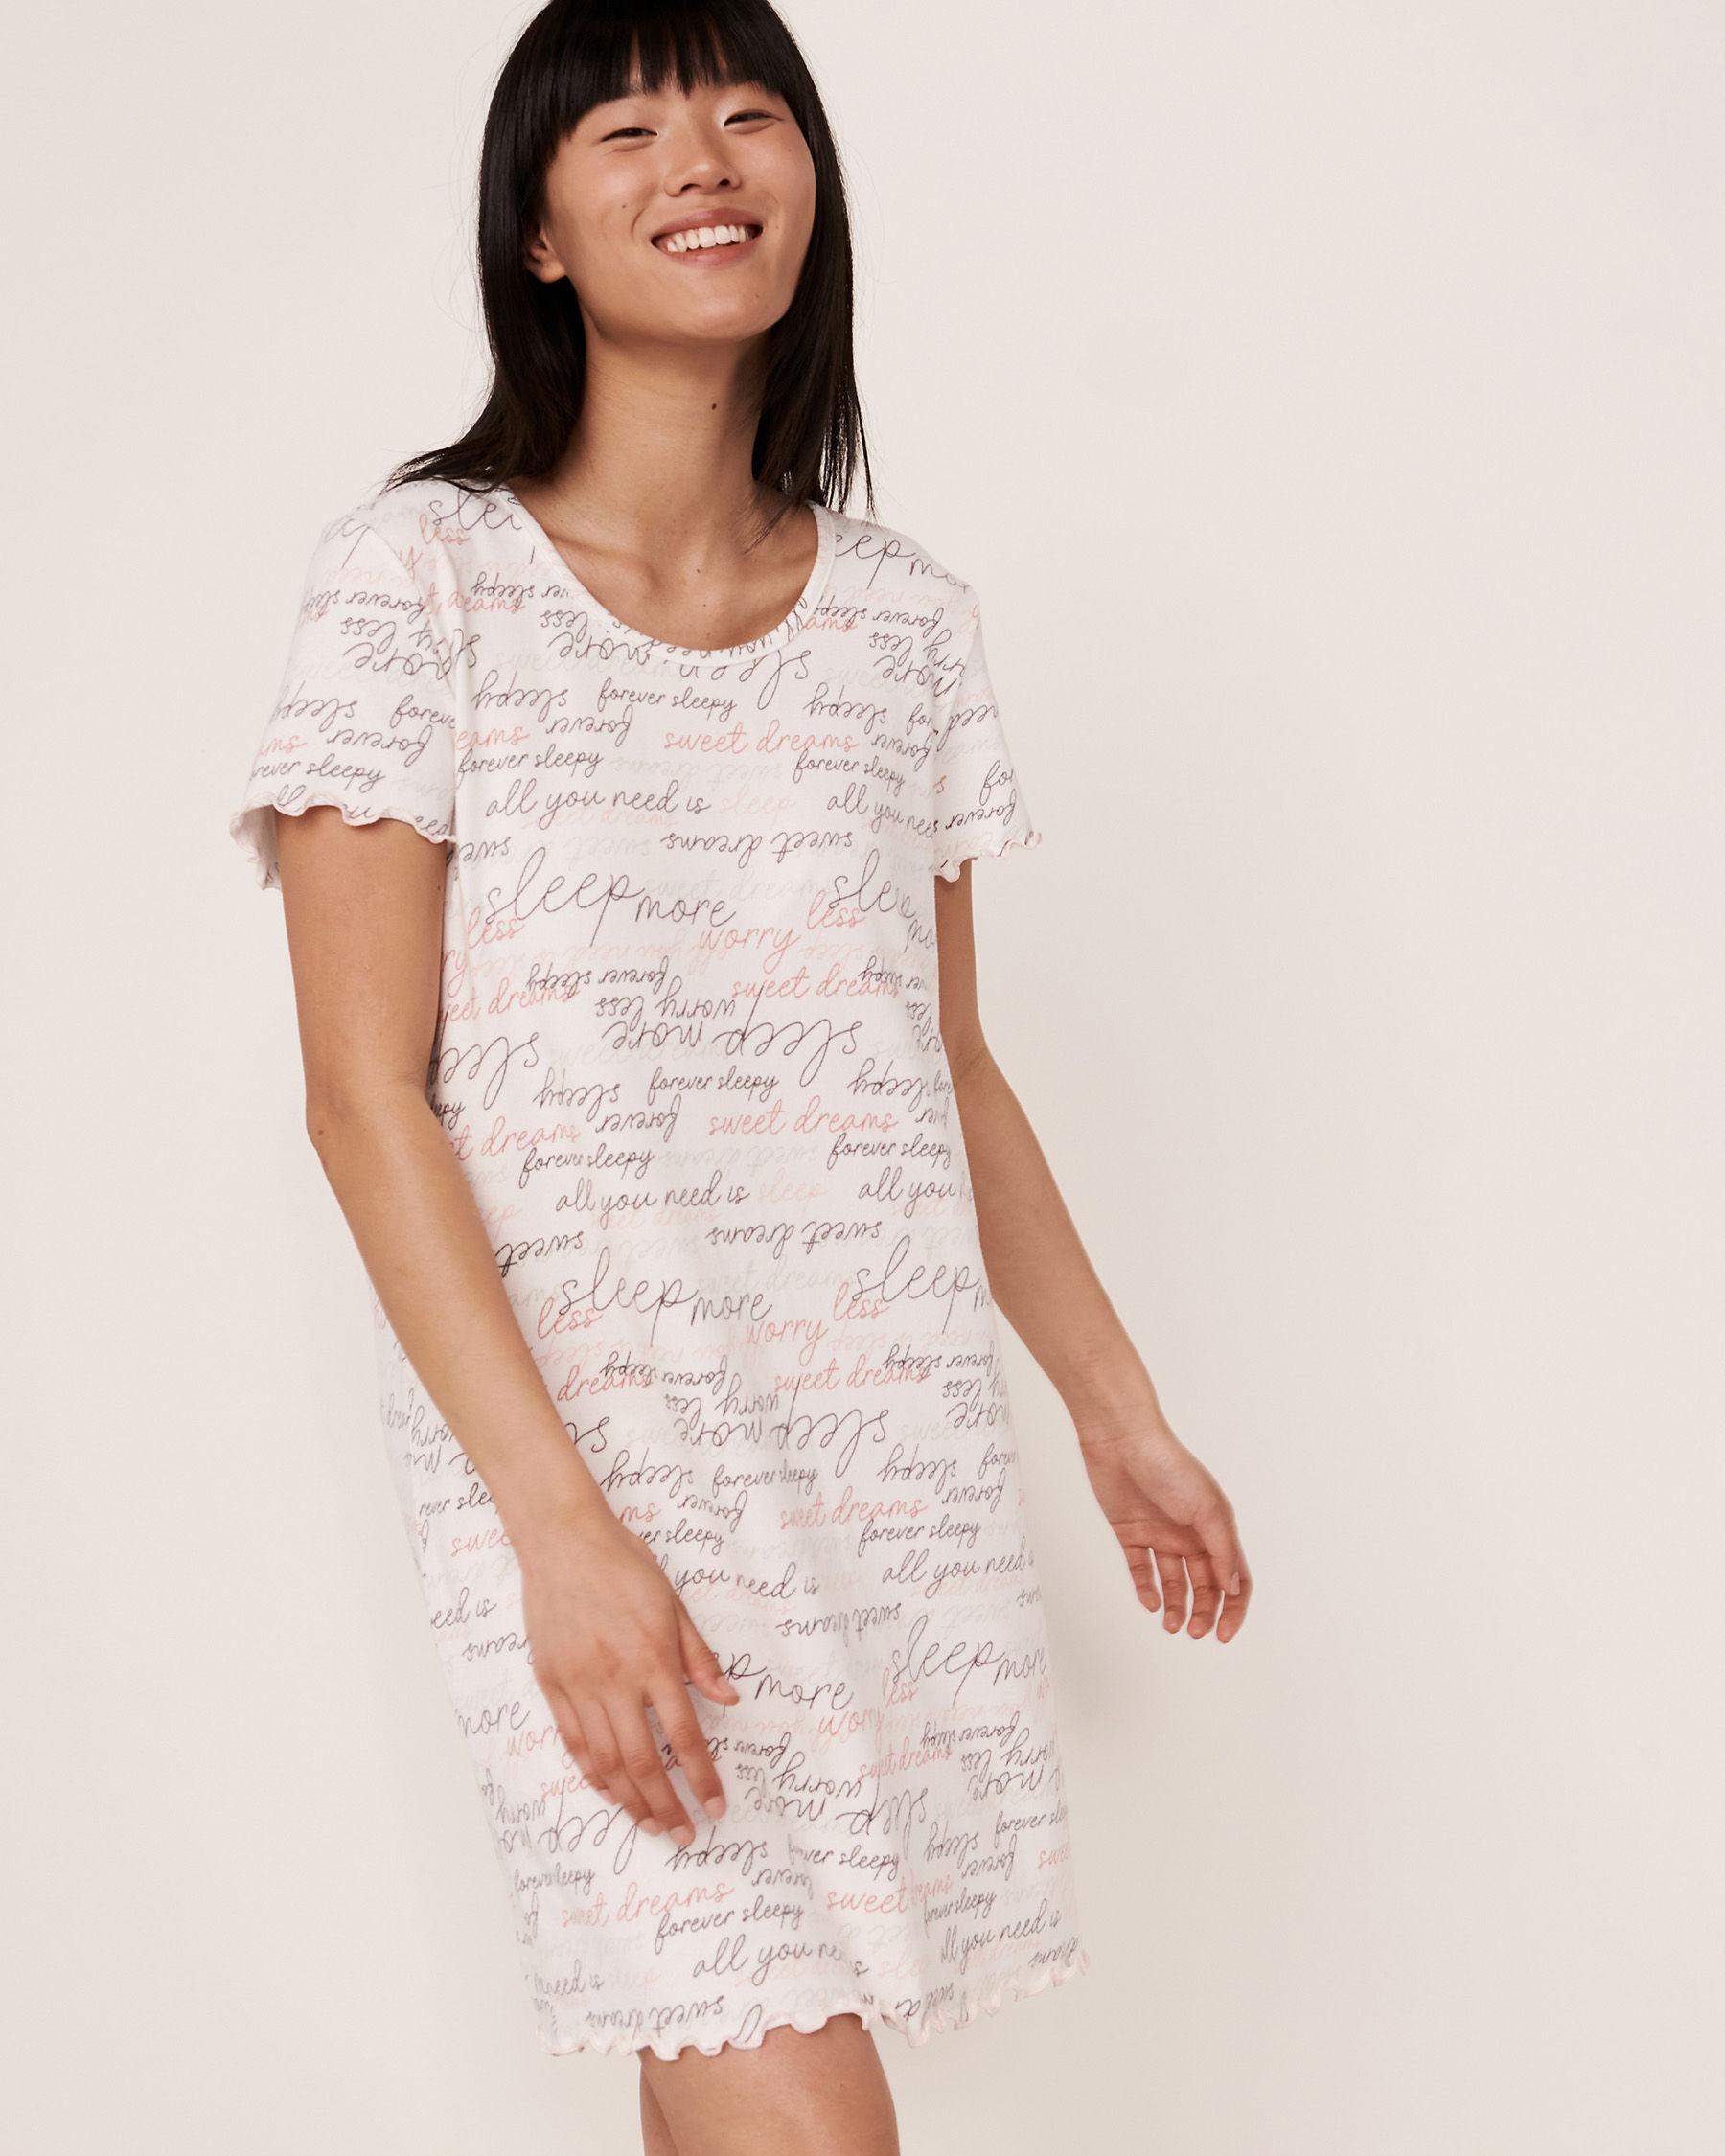 LA VIE EN ROSE Recycled Fibers Ruffle Sleepshirt Words 40500069 - View1